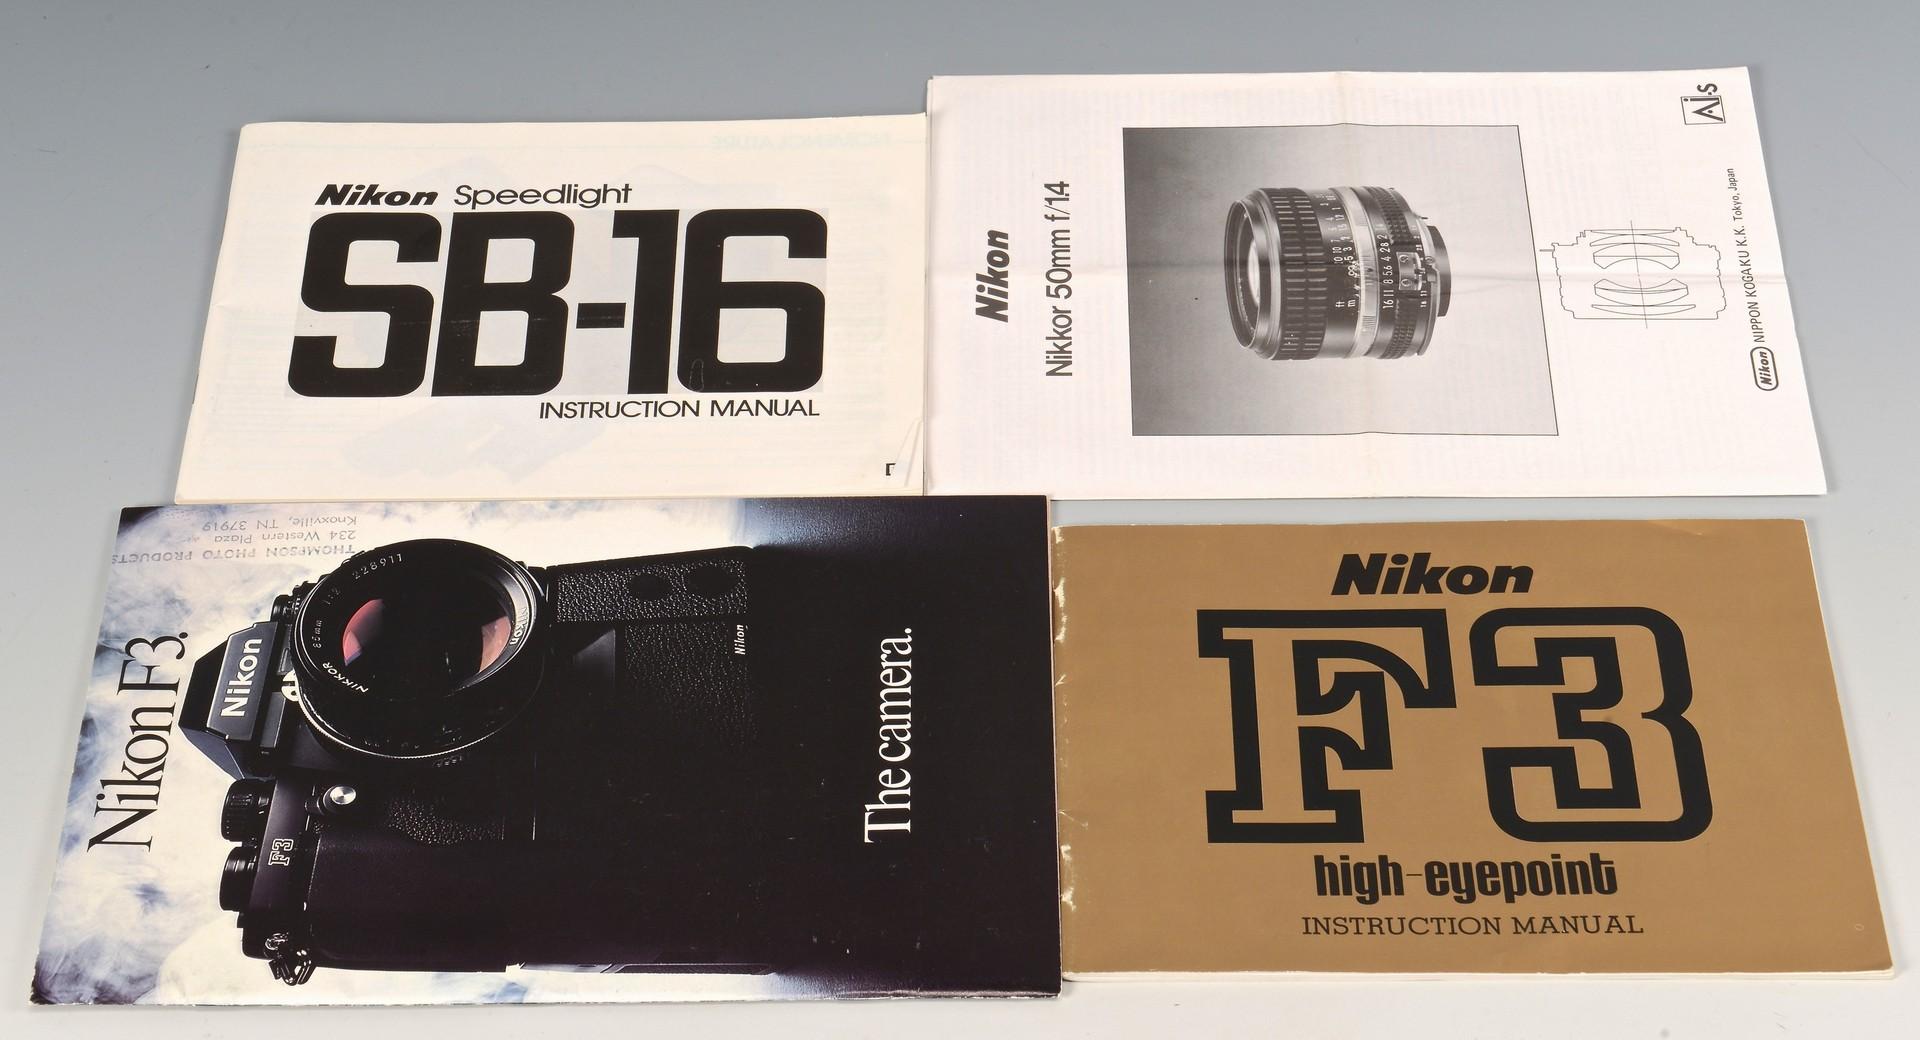 Lot 838: Nikon F3 Camera w/ Accessories & Manual